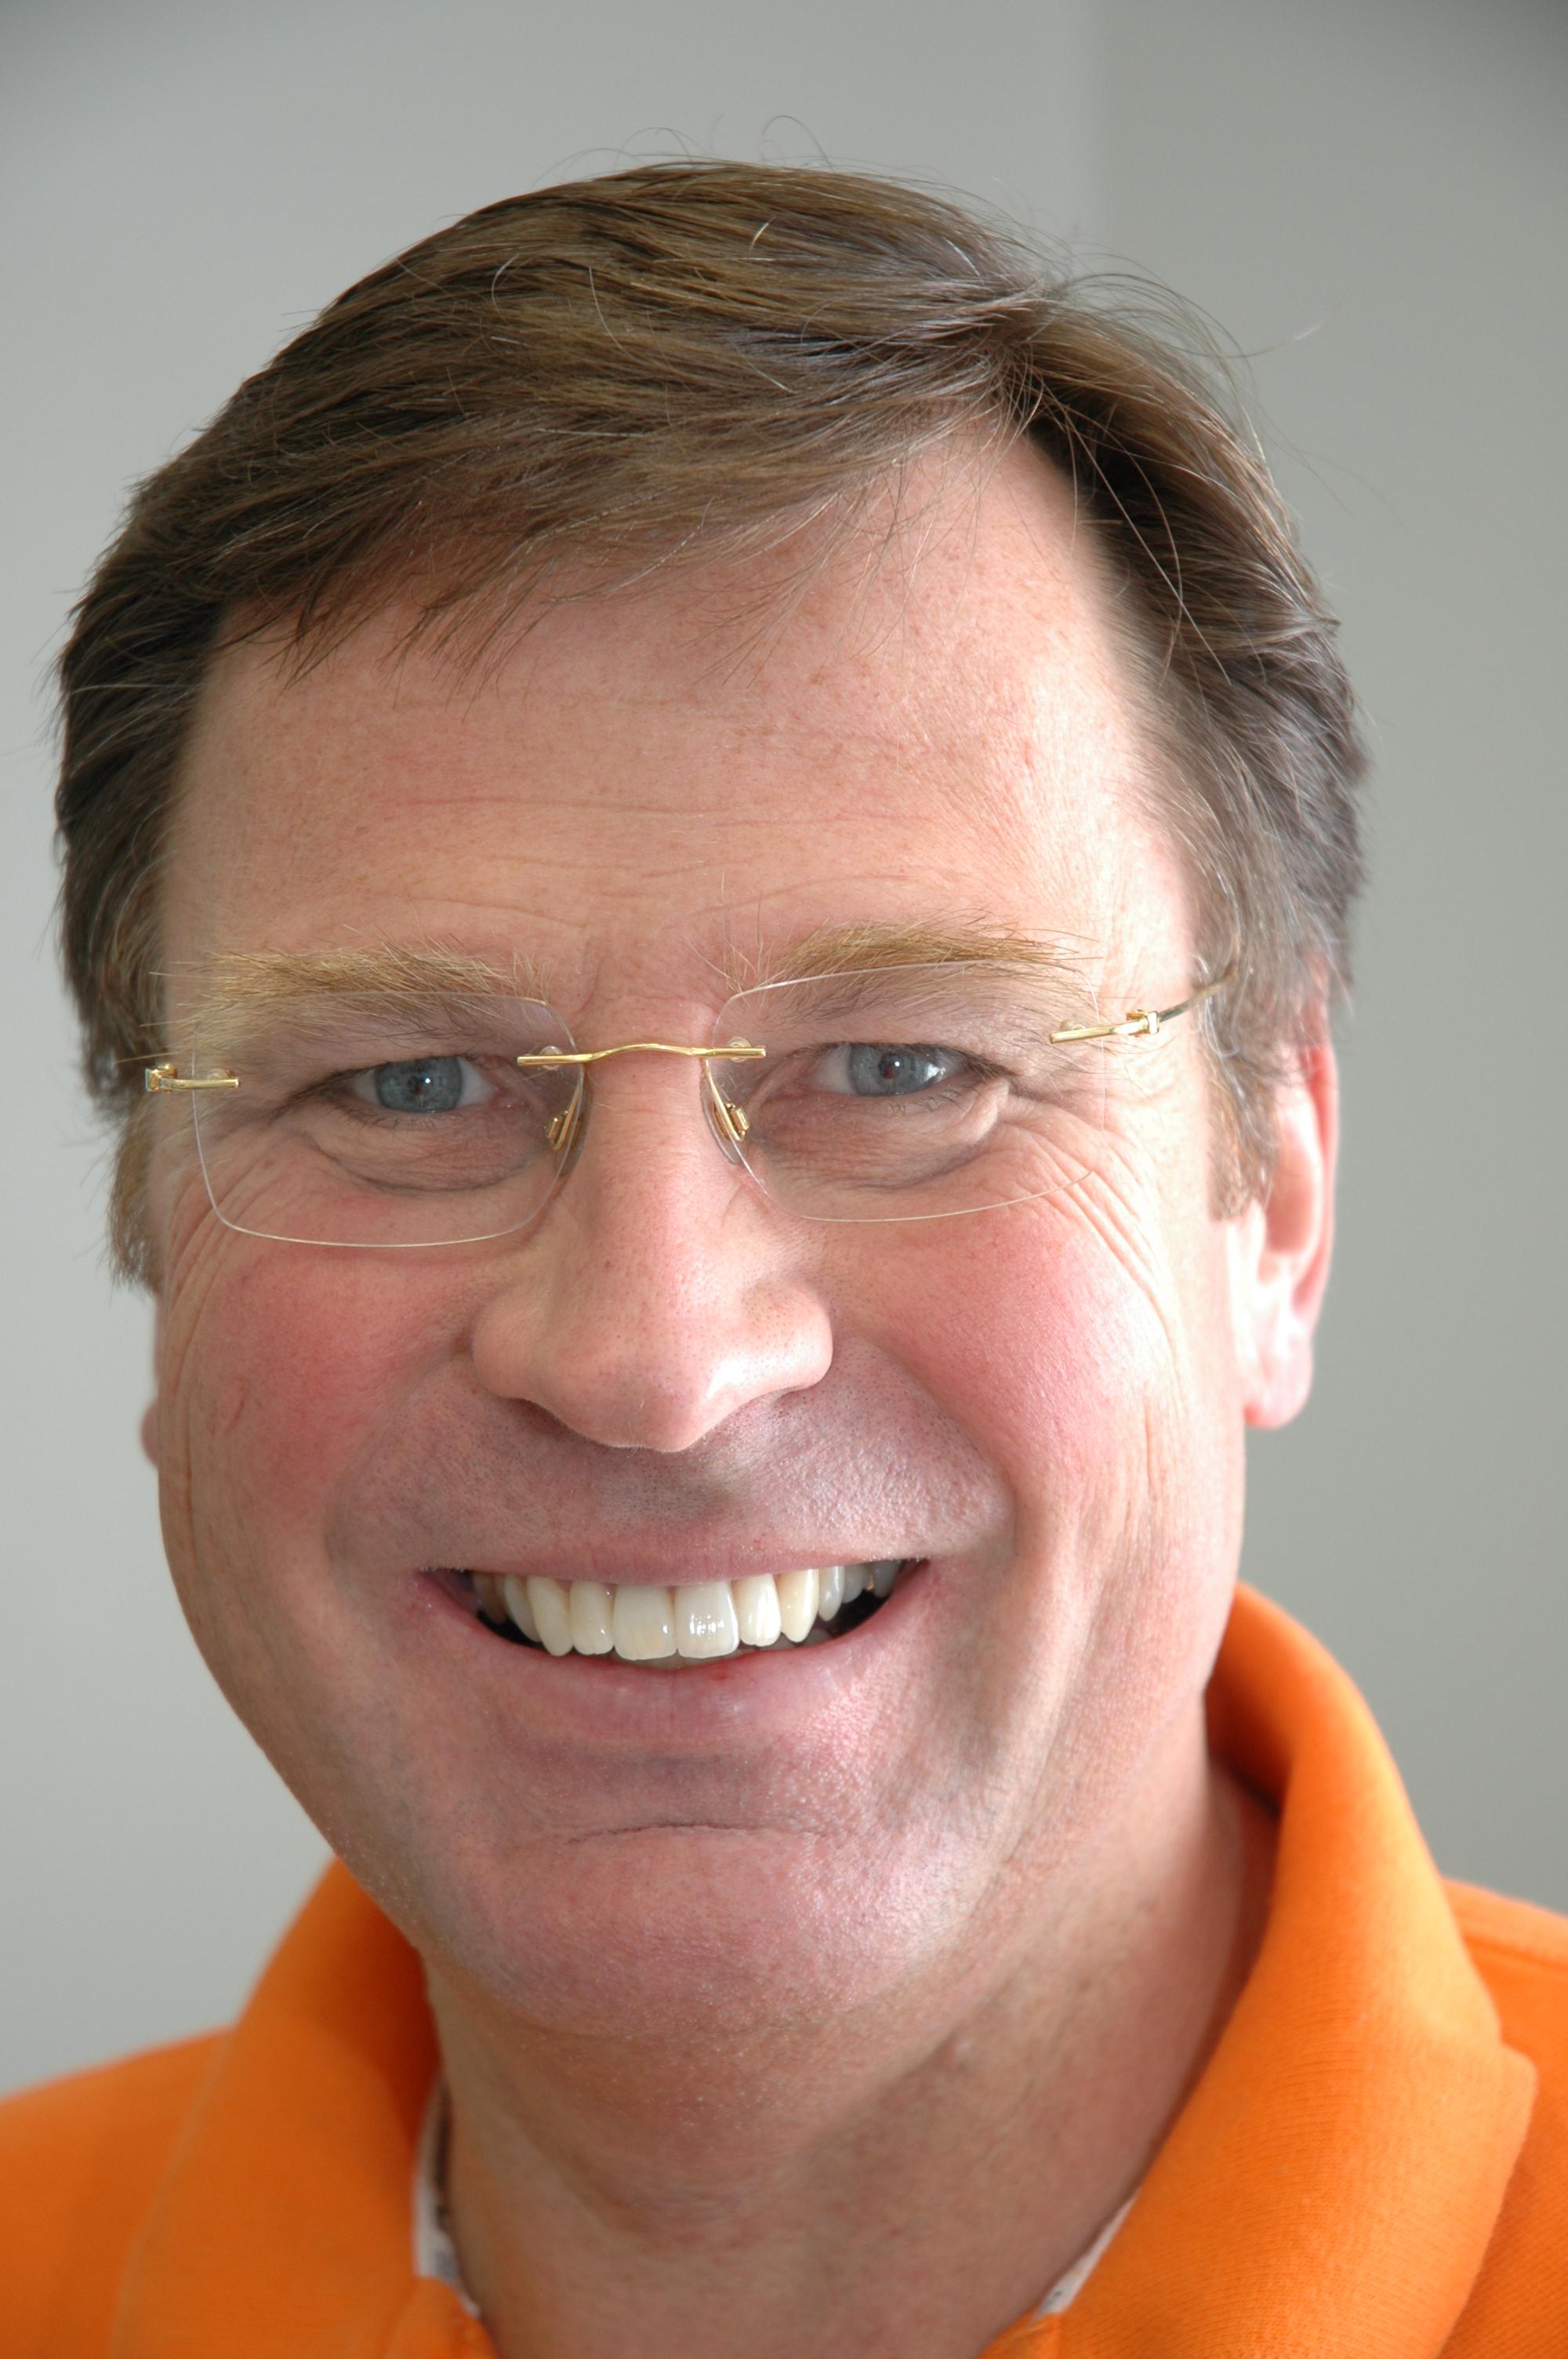 Zahnarzt Düsseldorf Dr. med. dent. Michael Hohaus